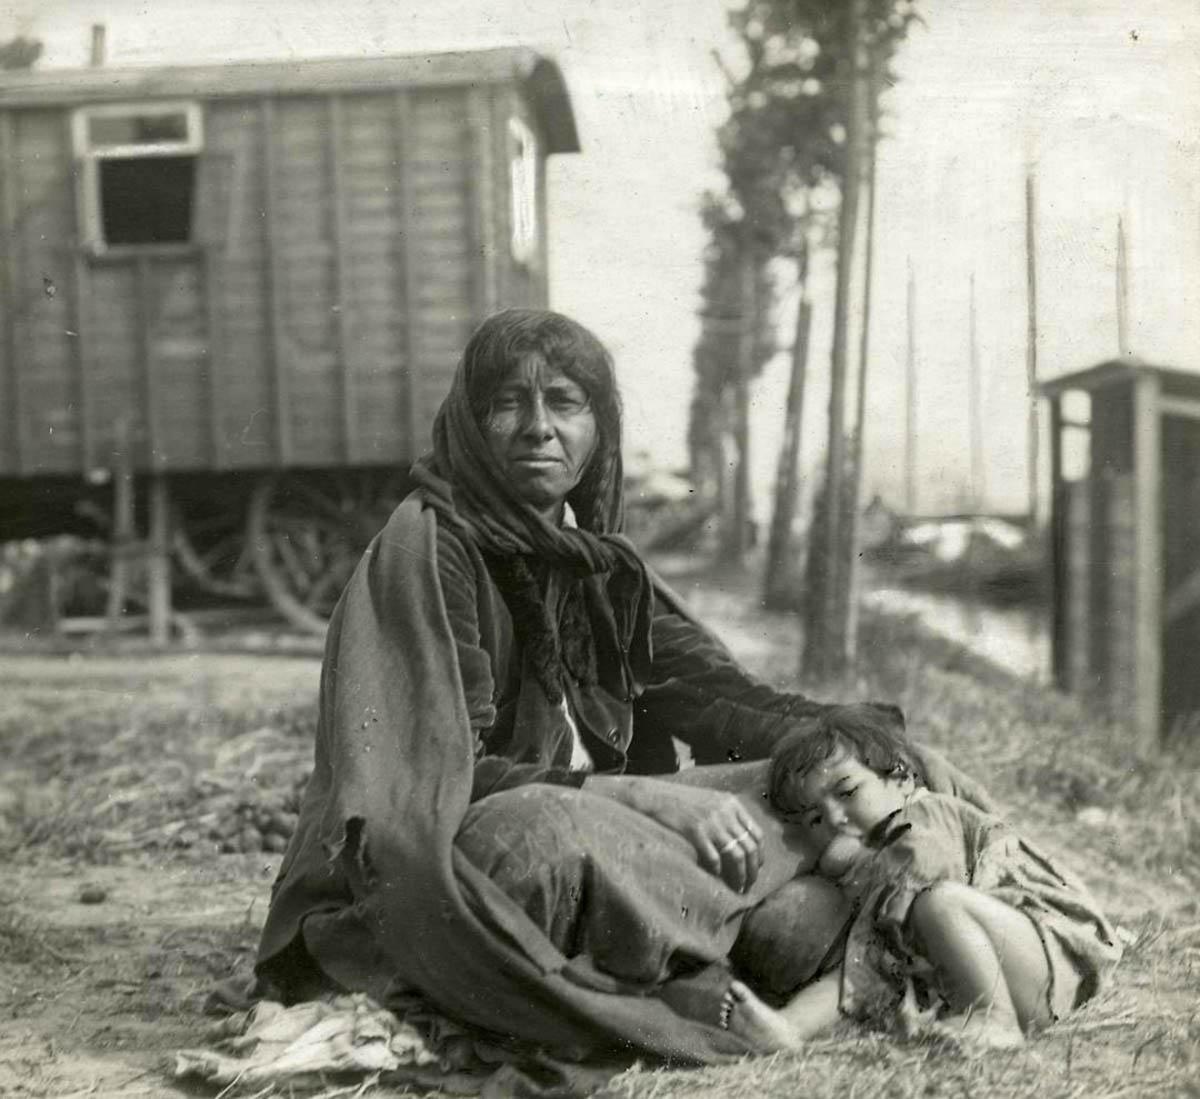 11123 Жизнь цыган в Европе до Второй Мировой войны